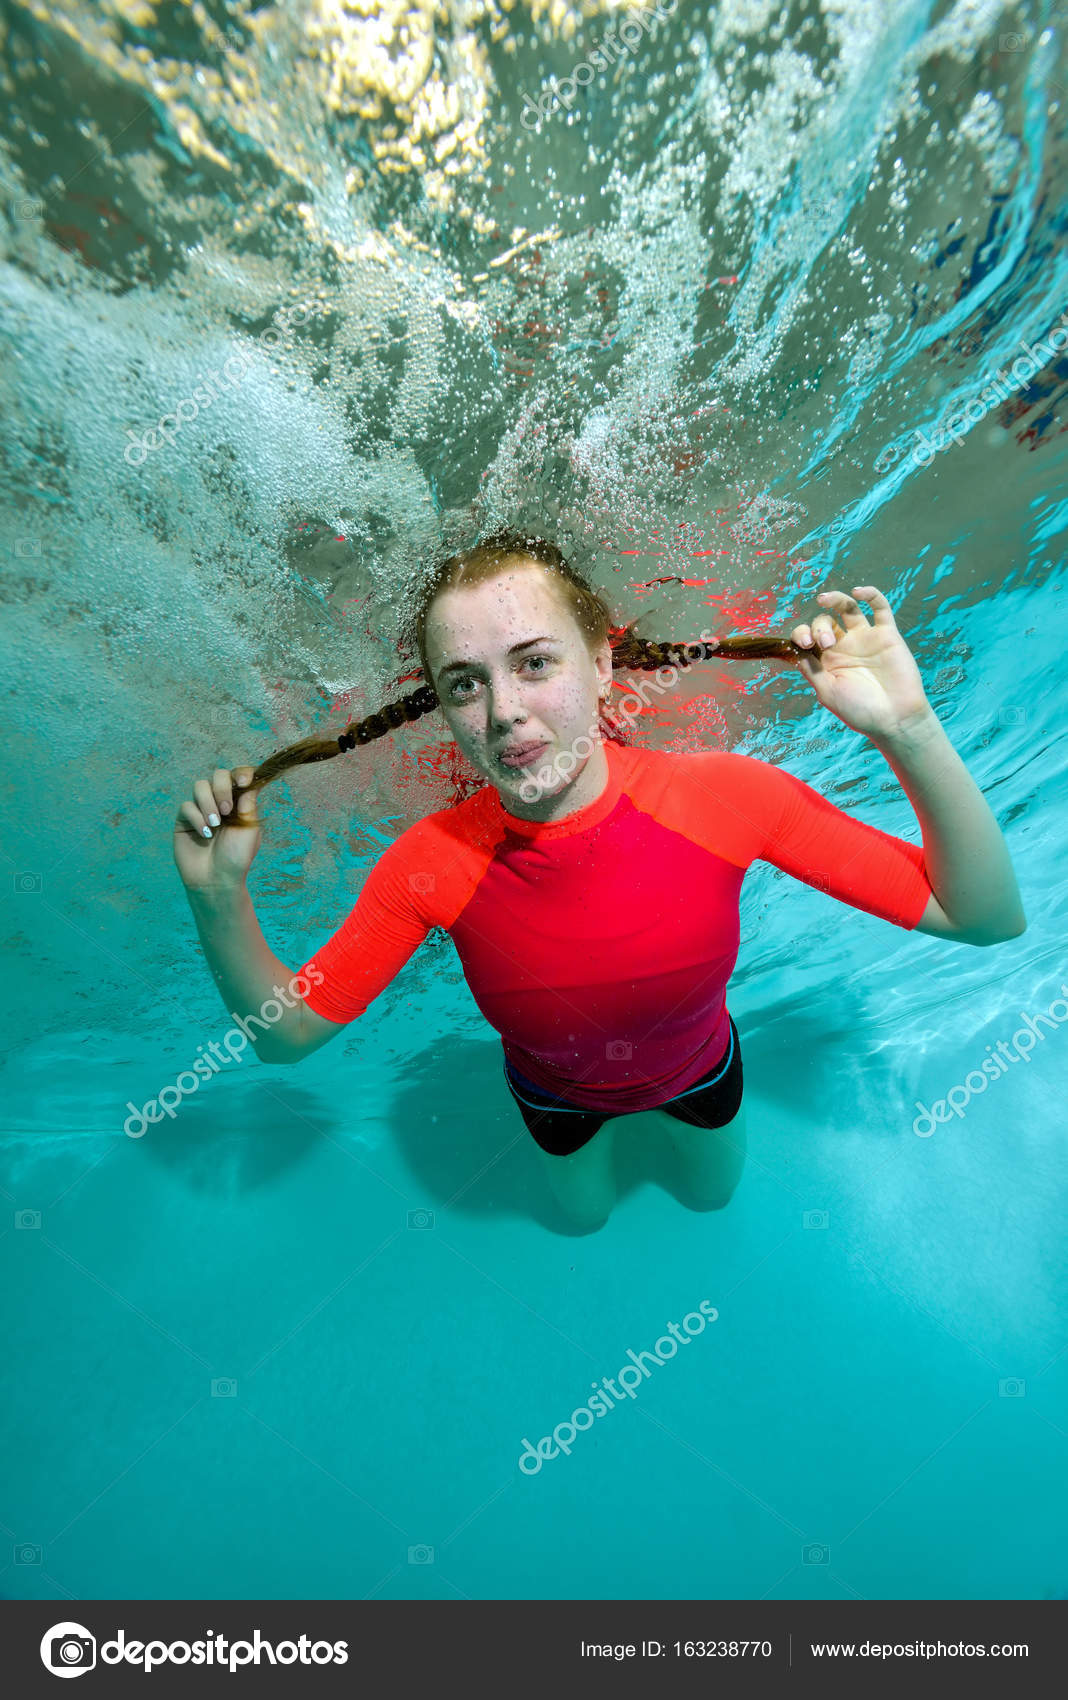 Junges sportliches Mädchen schwimmt unter Wasser auf